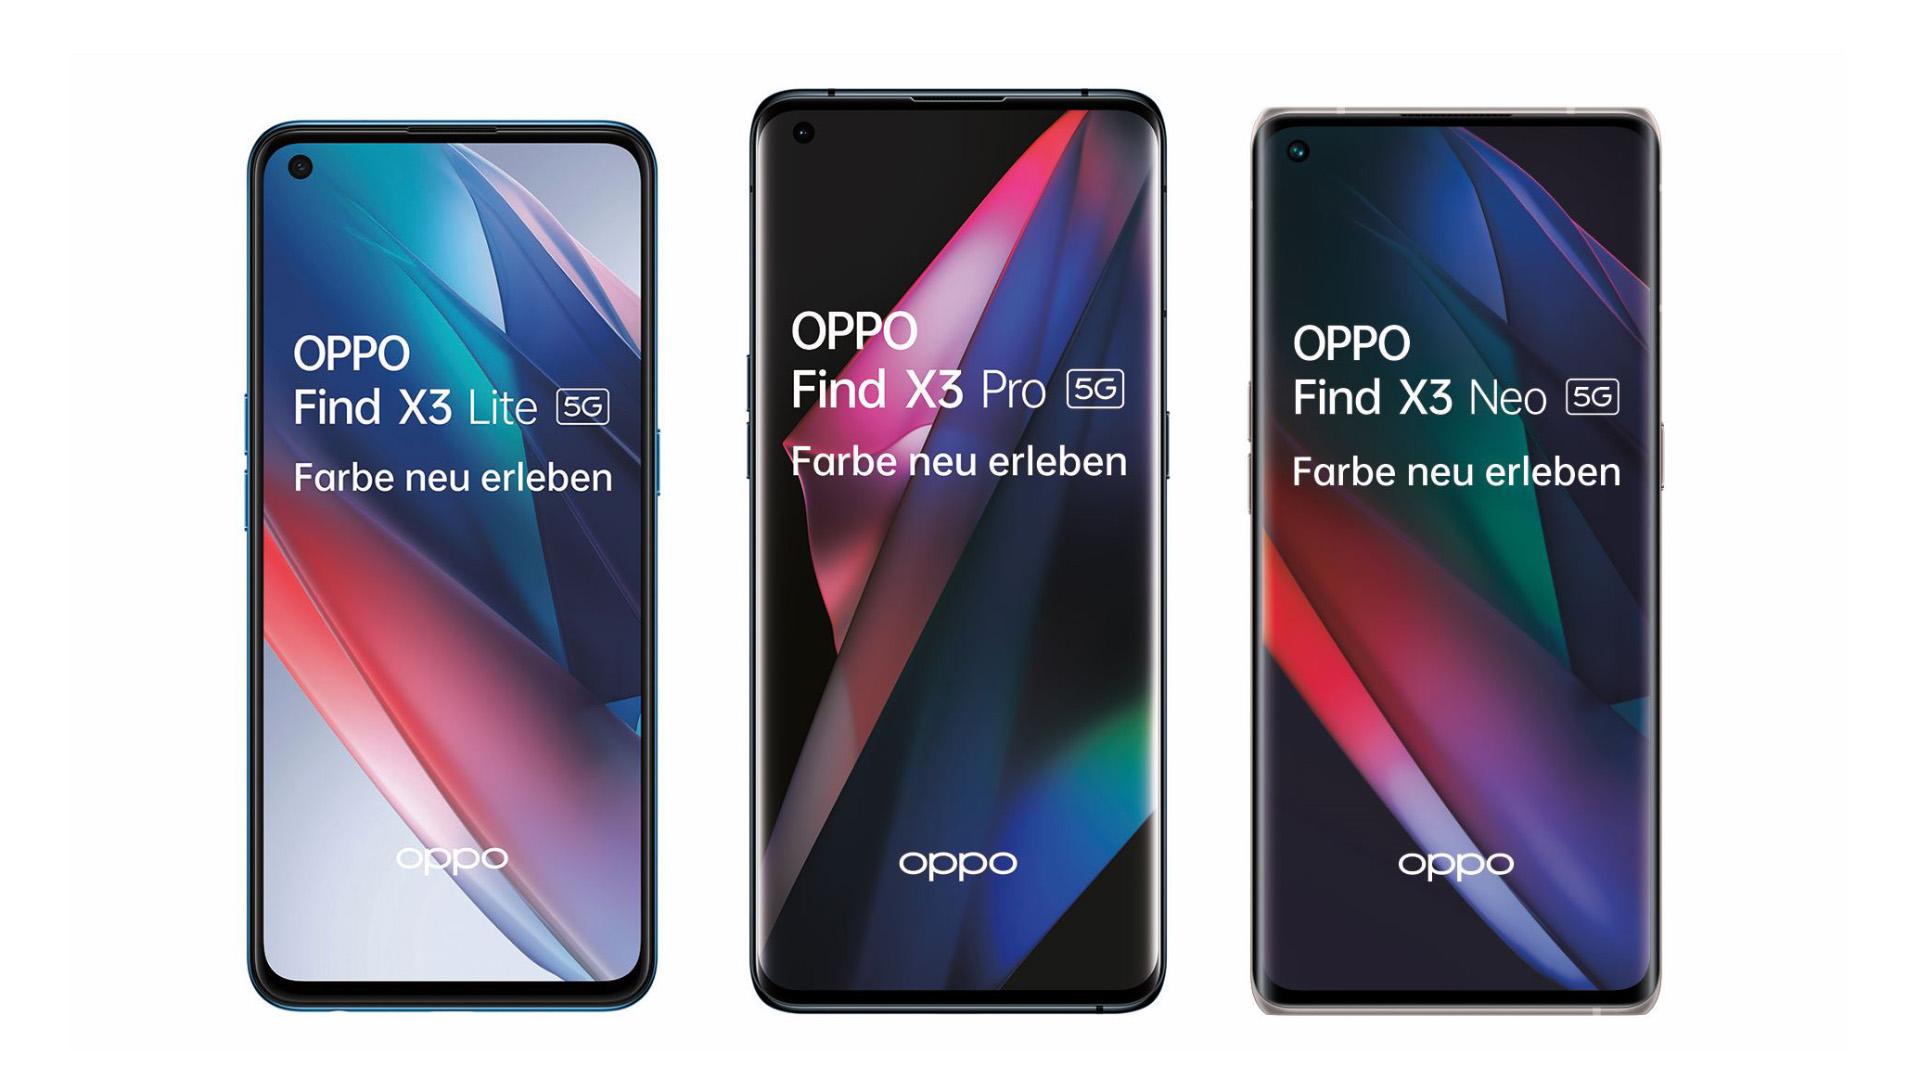 Flaggschiff-Smartphone OPPO Find X3 Pro 5G & Ableger vorgestellt